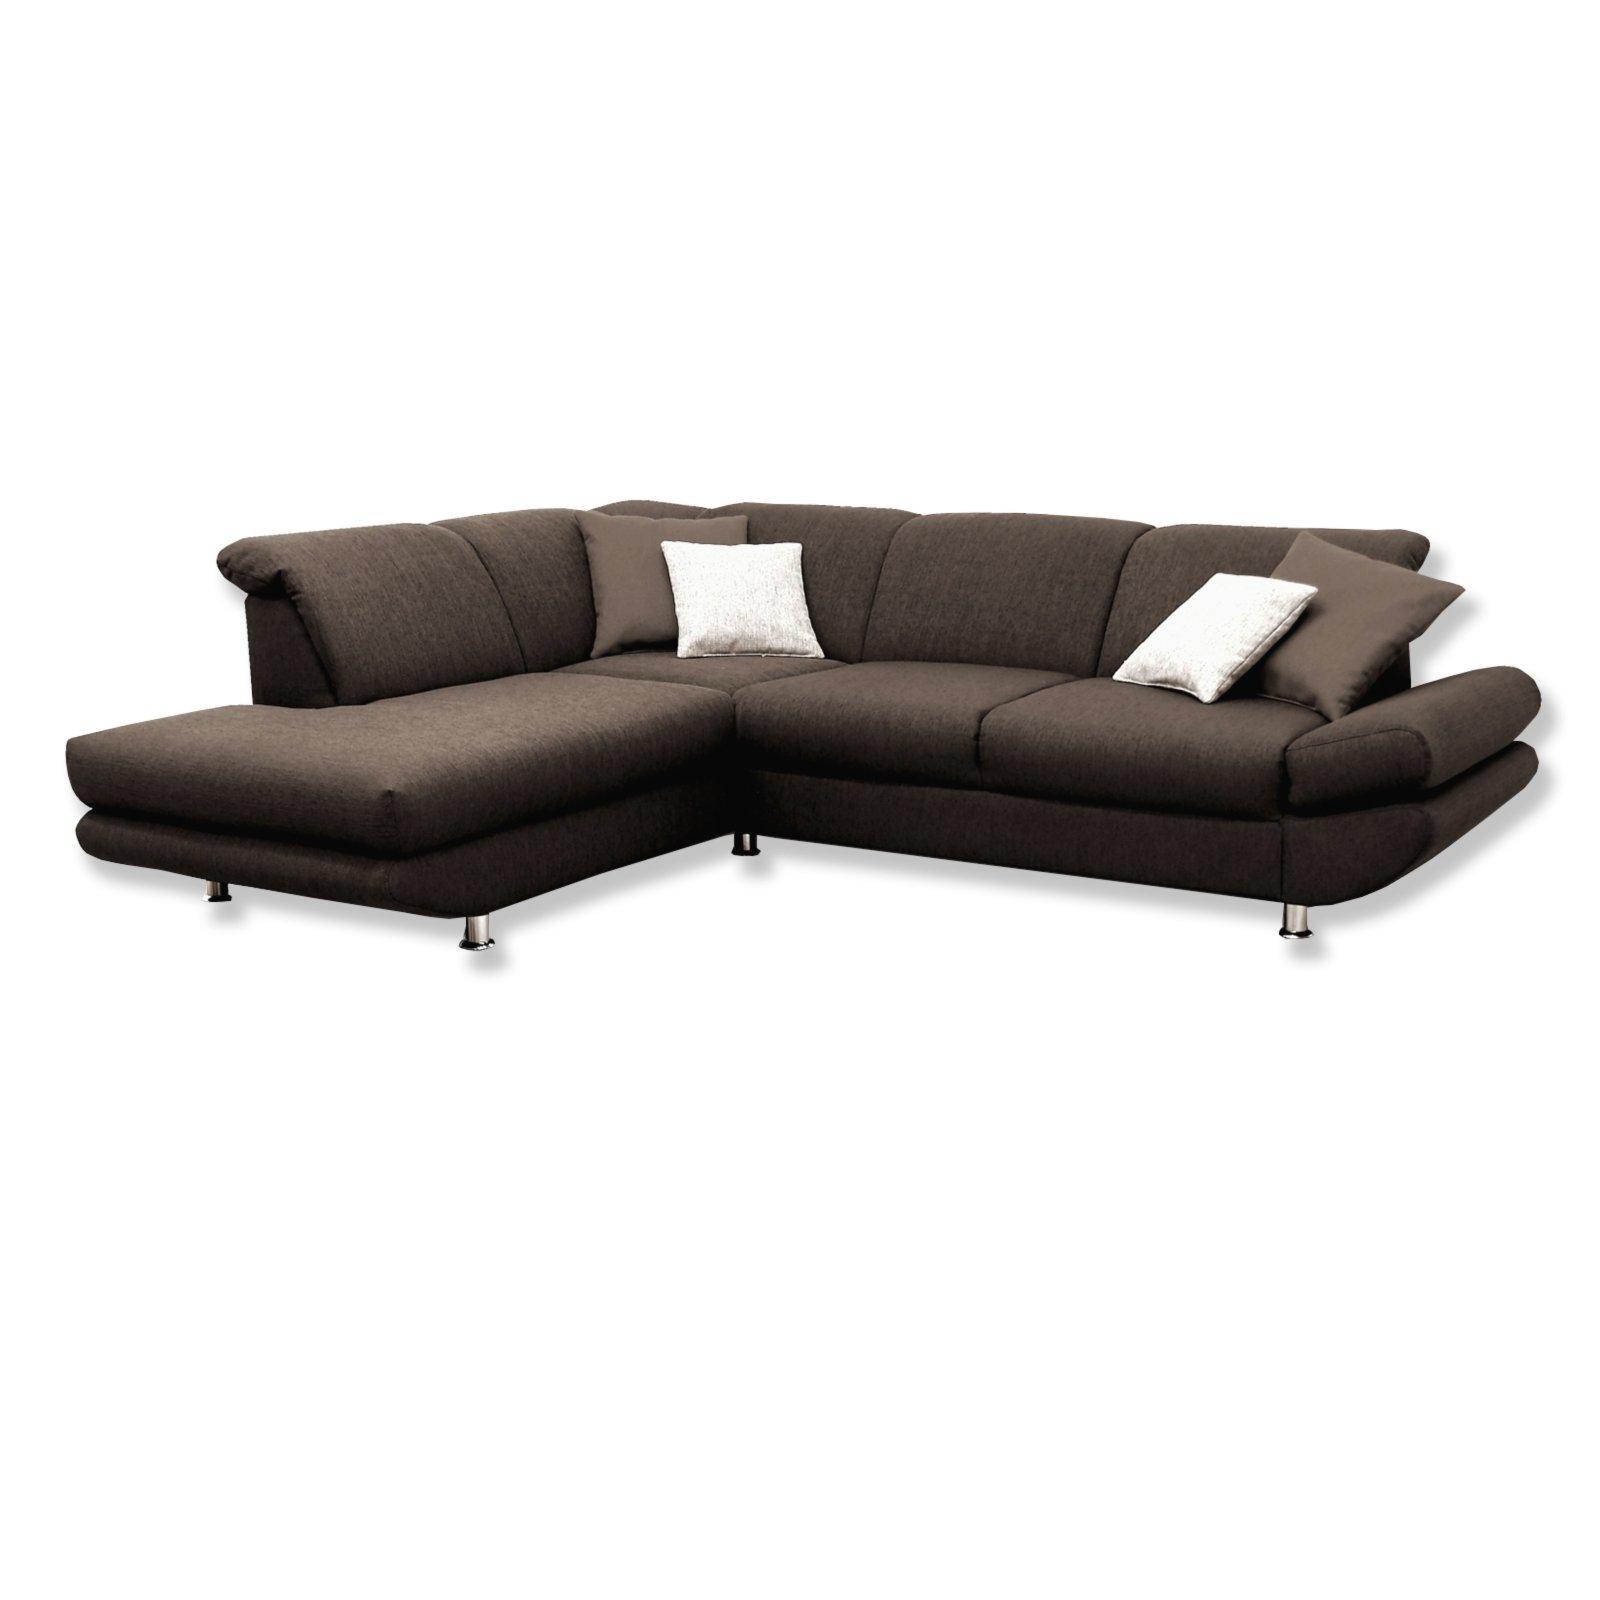 polsterecke braun mit funktionen ottomane links ecksofas l form sofas couches. Black Bedroom Furniture Sets. Home Design Ideas